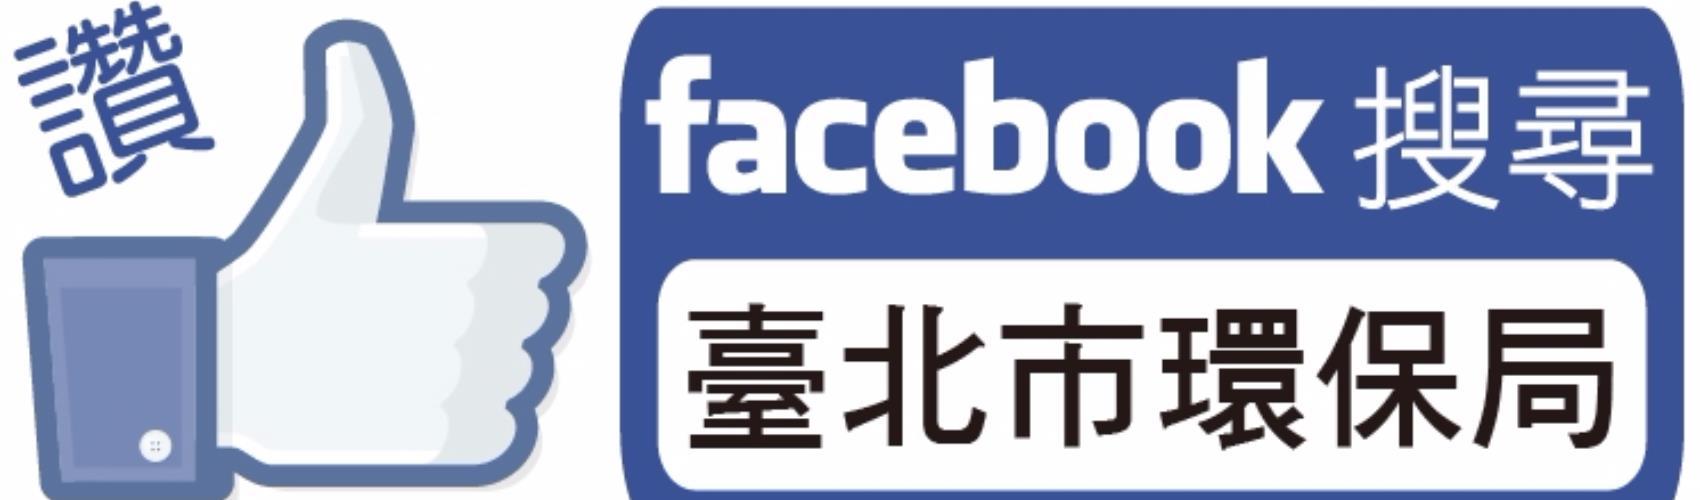 臺北市環保局FB